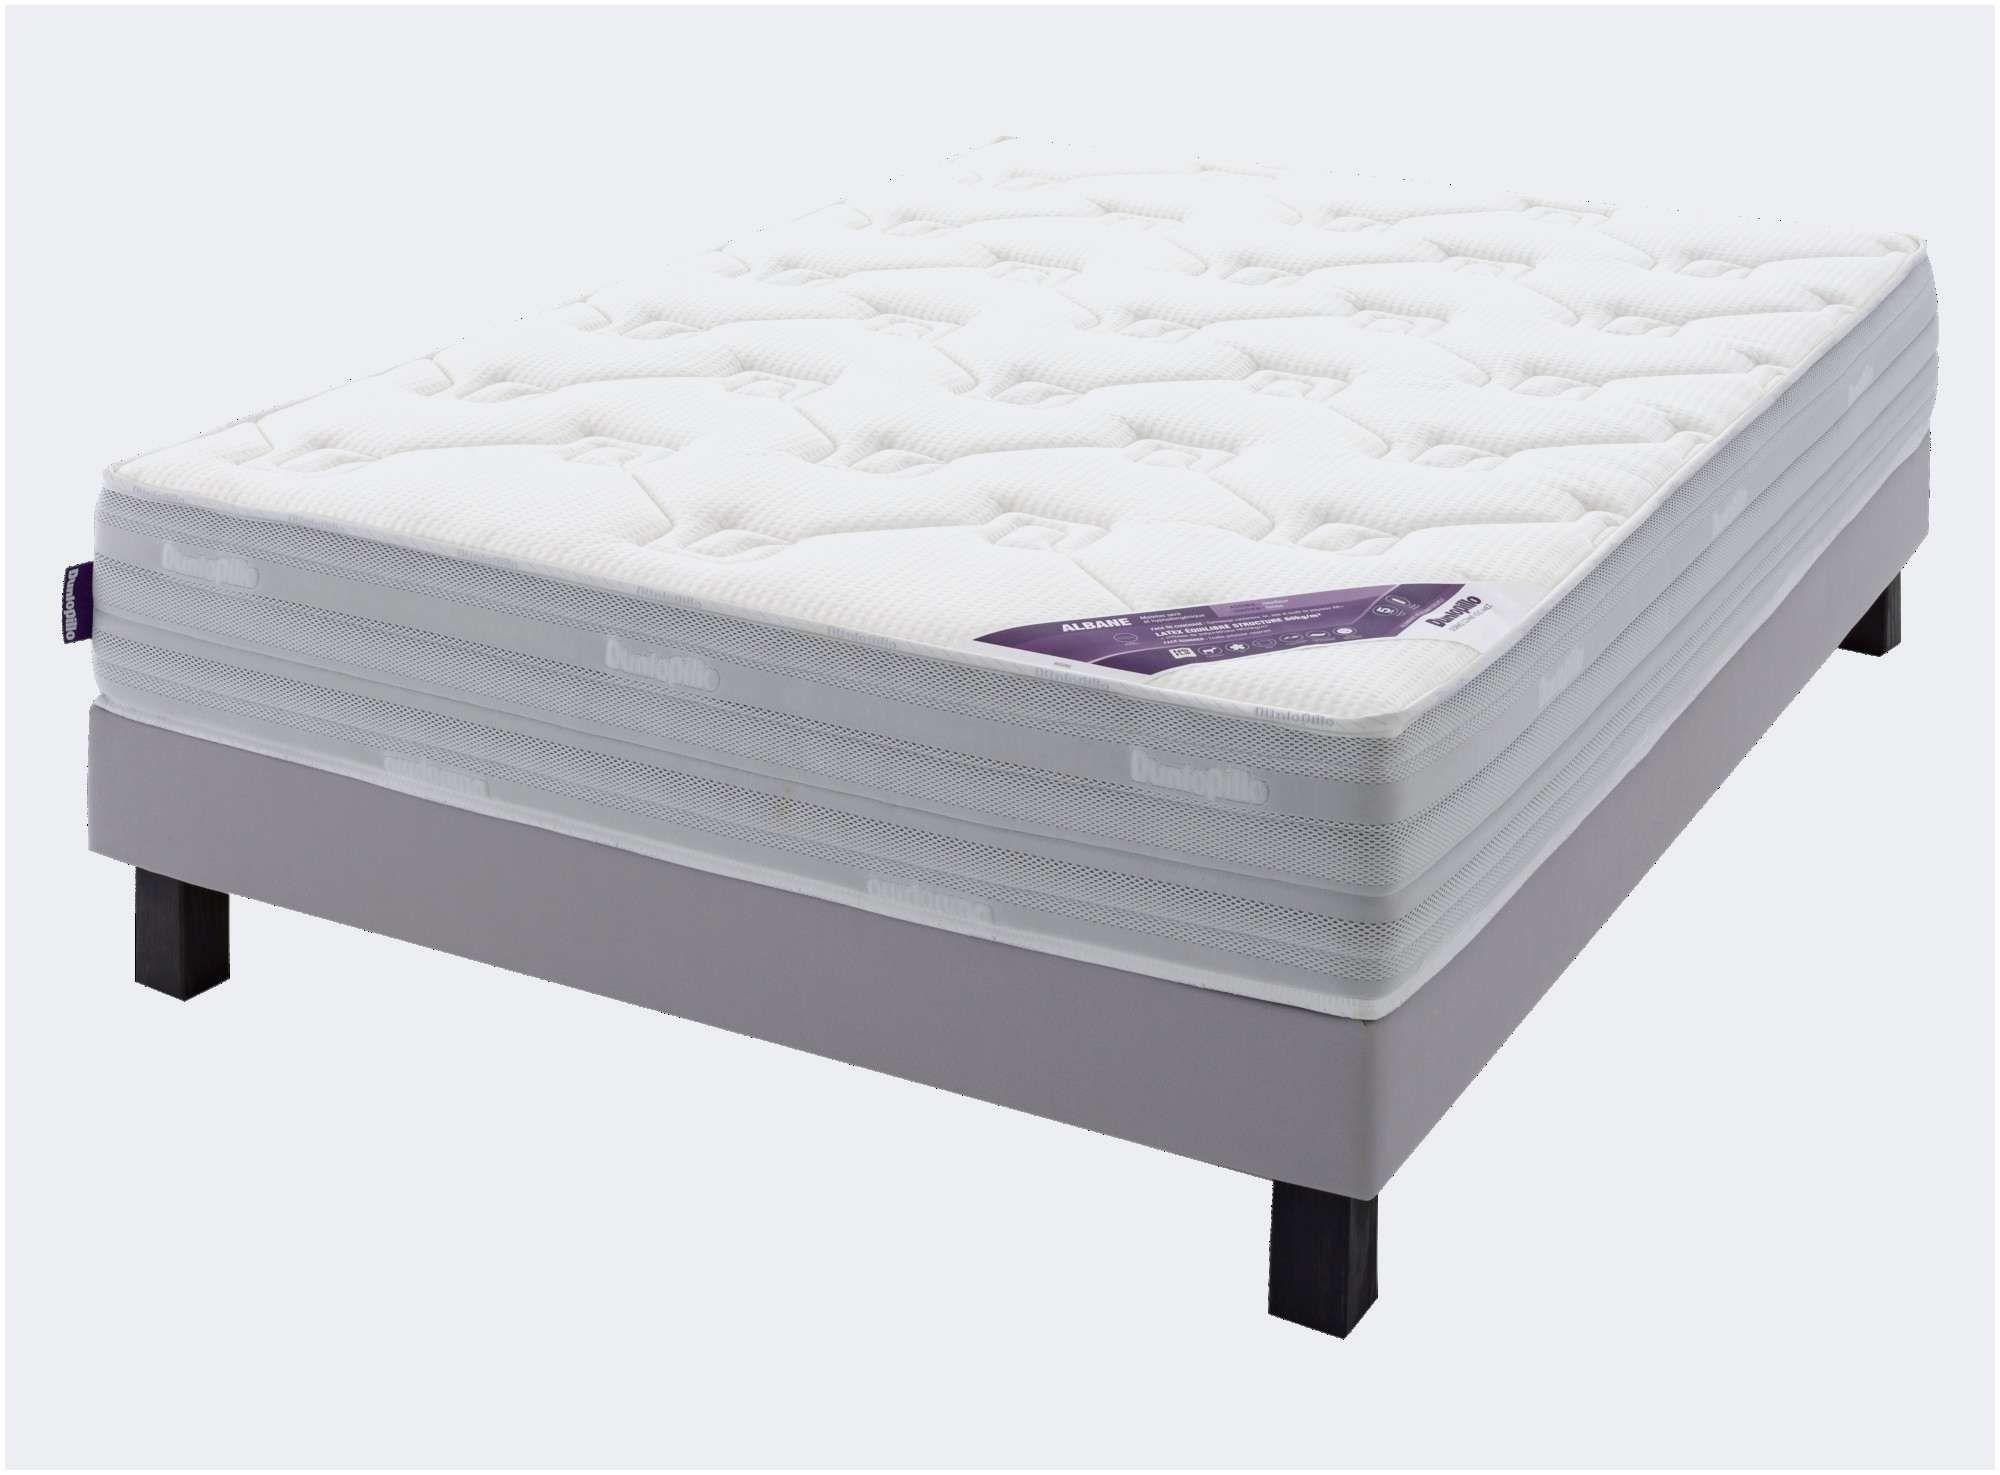 Housse De Couette 120x190 Housse De Couette 120x190 Housse De Couette Achat Vente Housse De Couette Pas Vite Full Bed Frame Full Bed Loft Full Bed Headboard